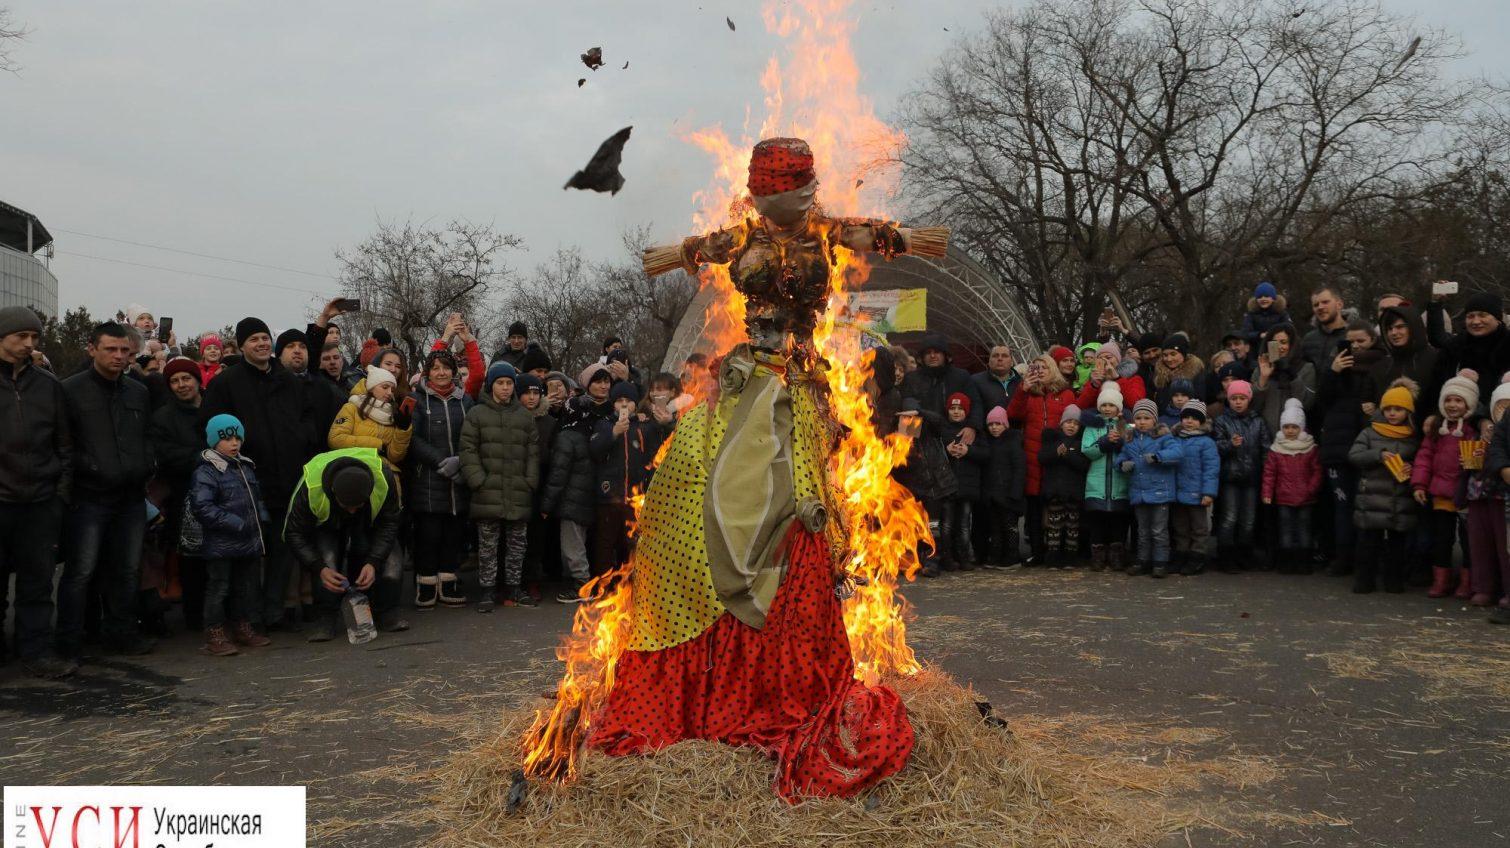 Одесситы проводили зиму: съели блины и сожгли чучело (фоторепортаж) «фото»